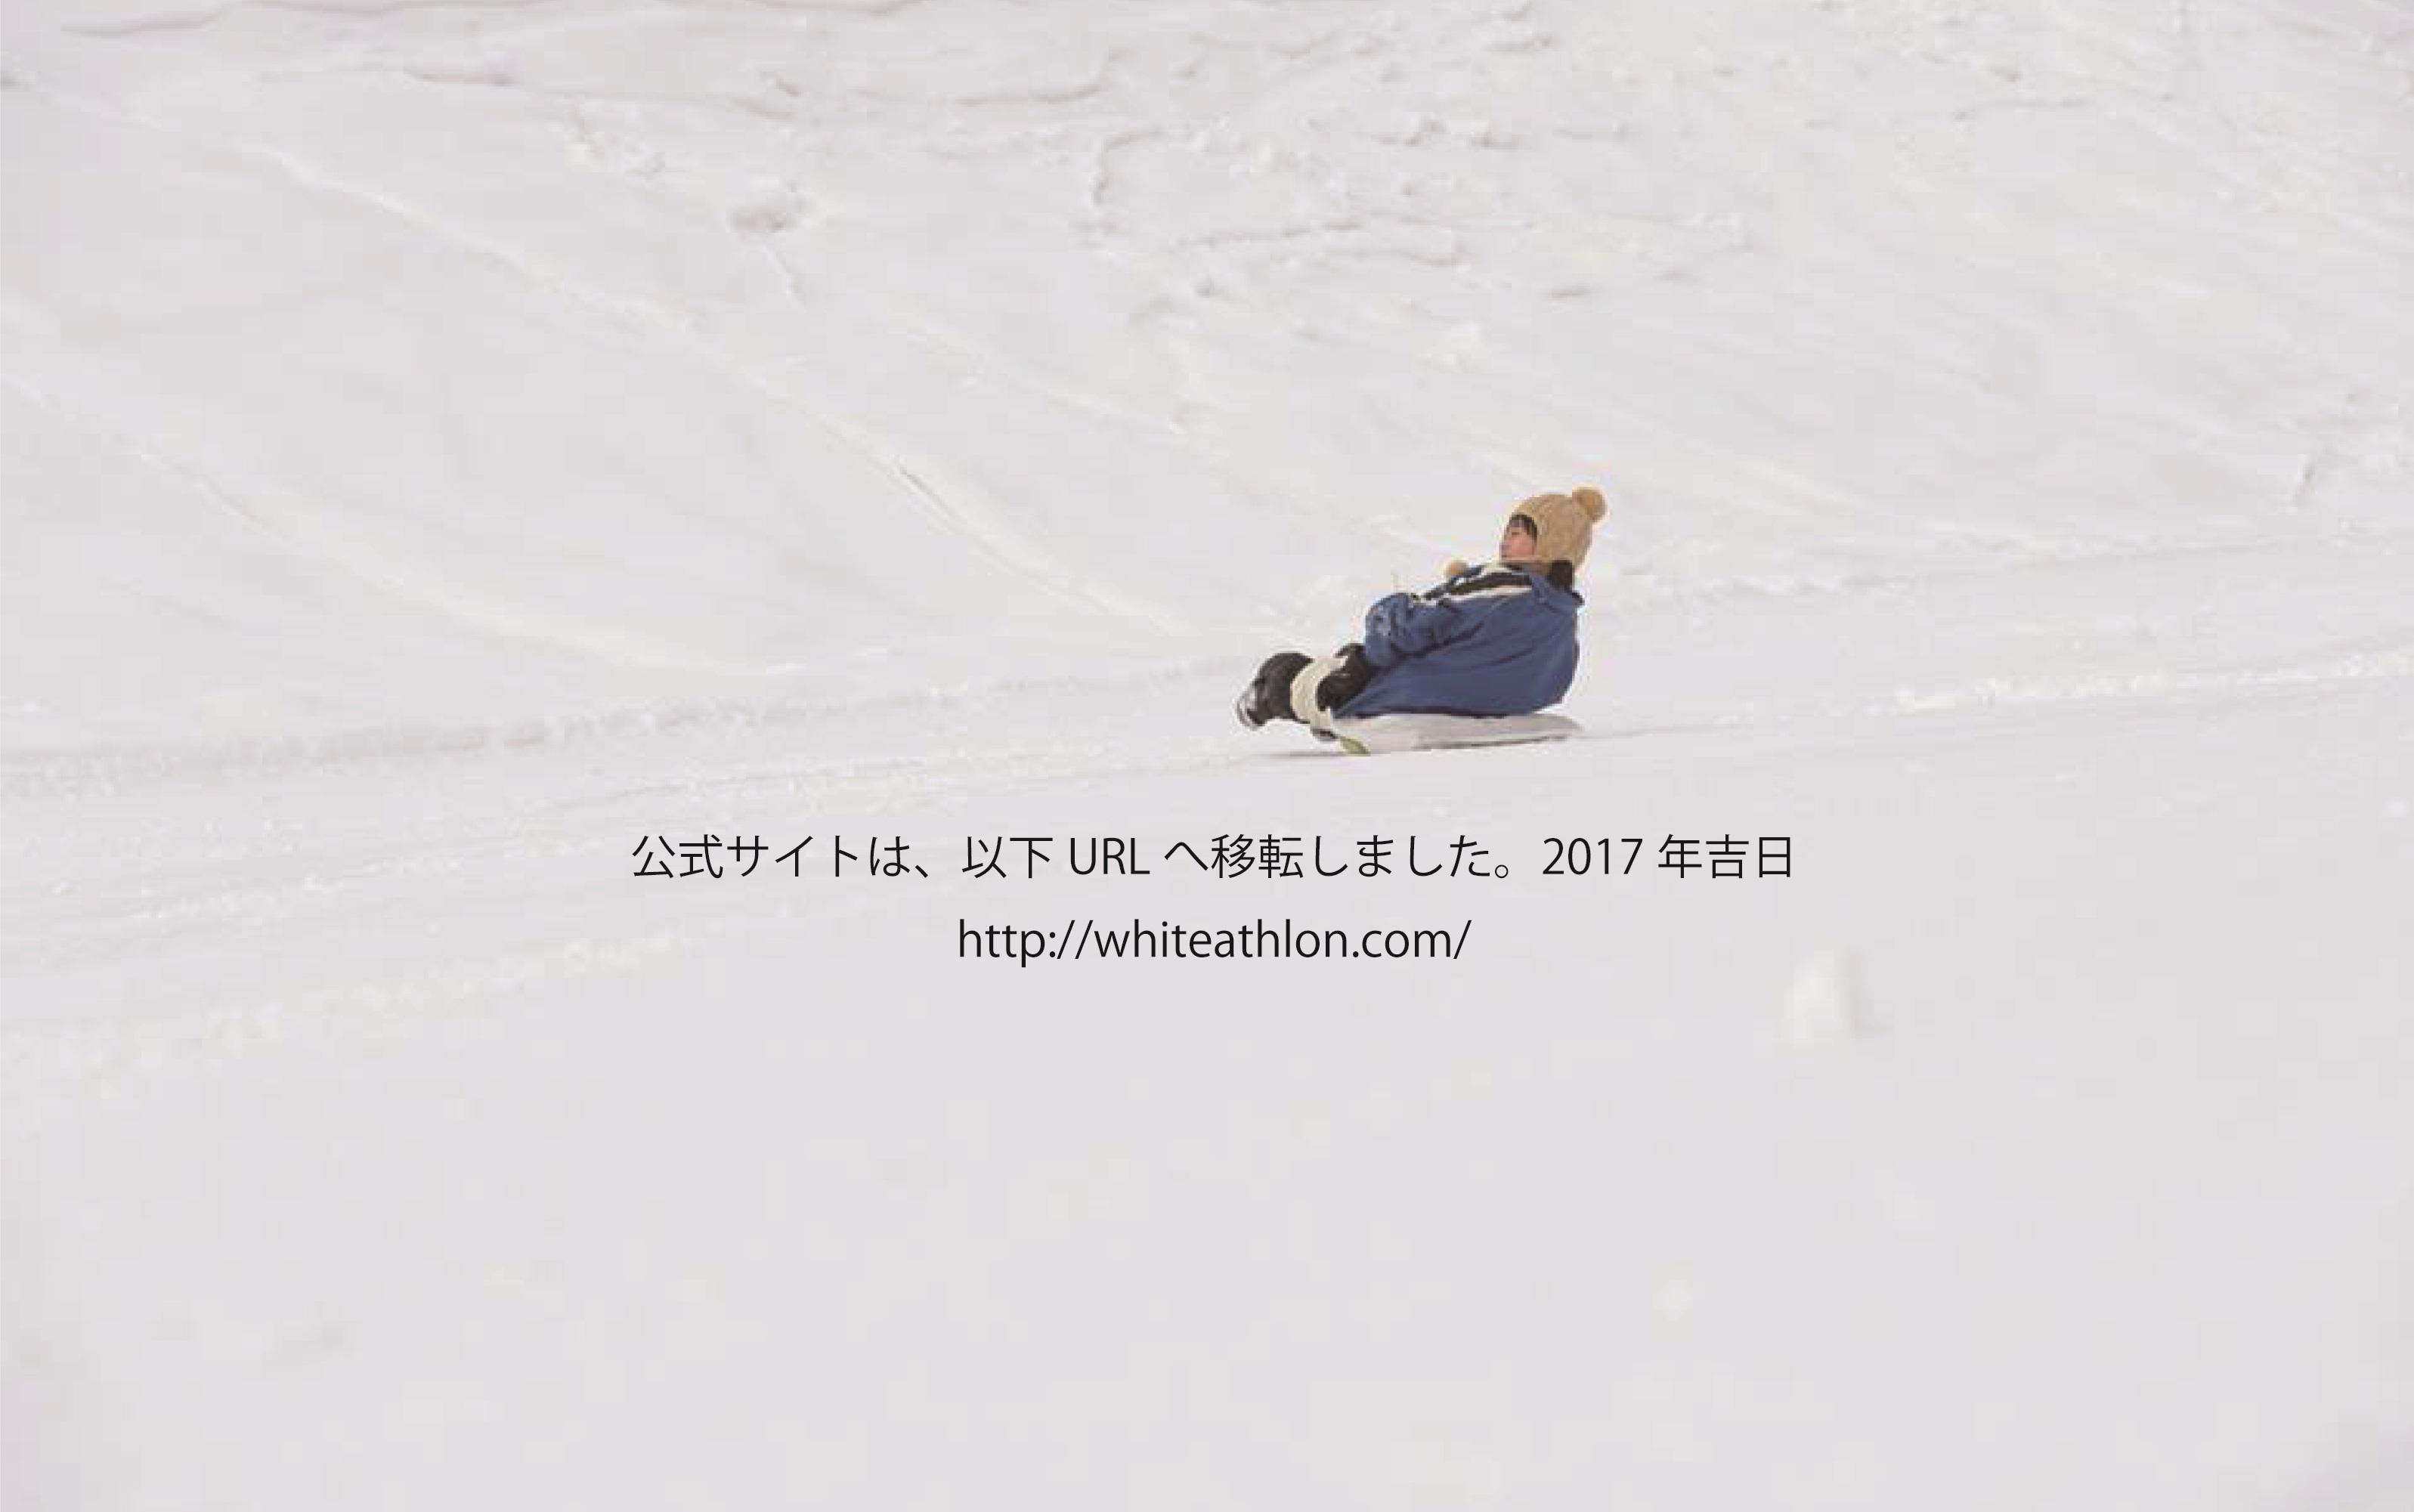 whiteathlon紹介画像1